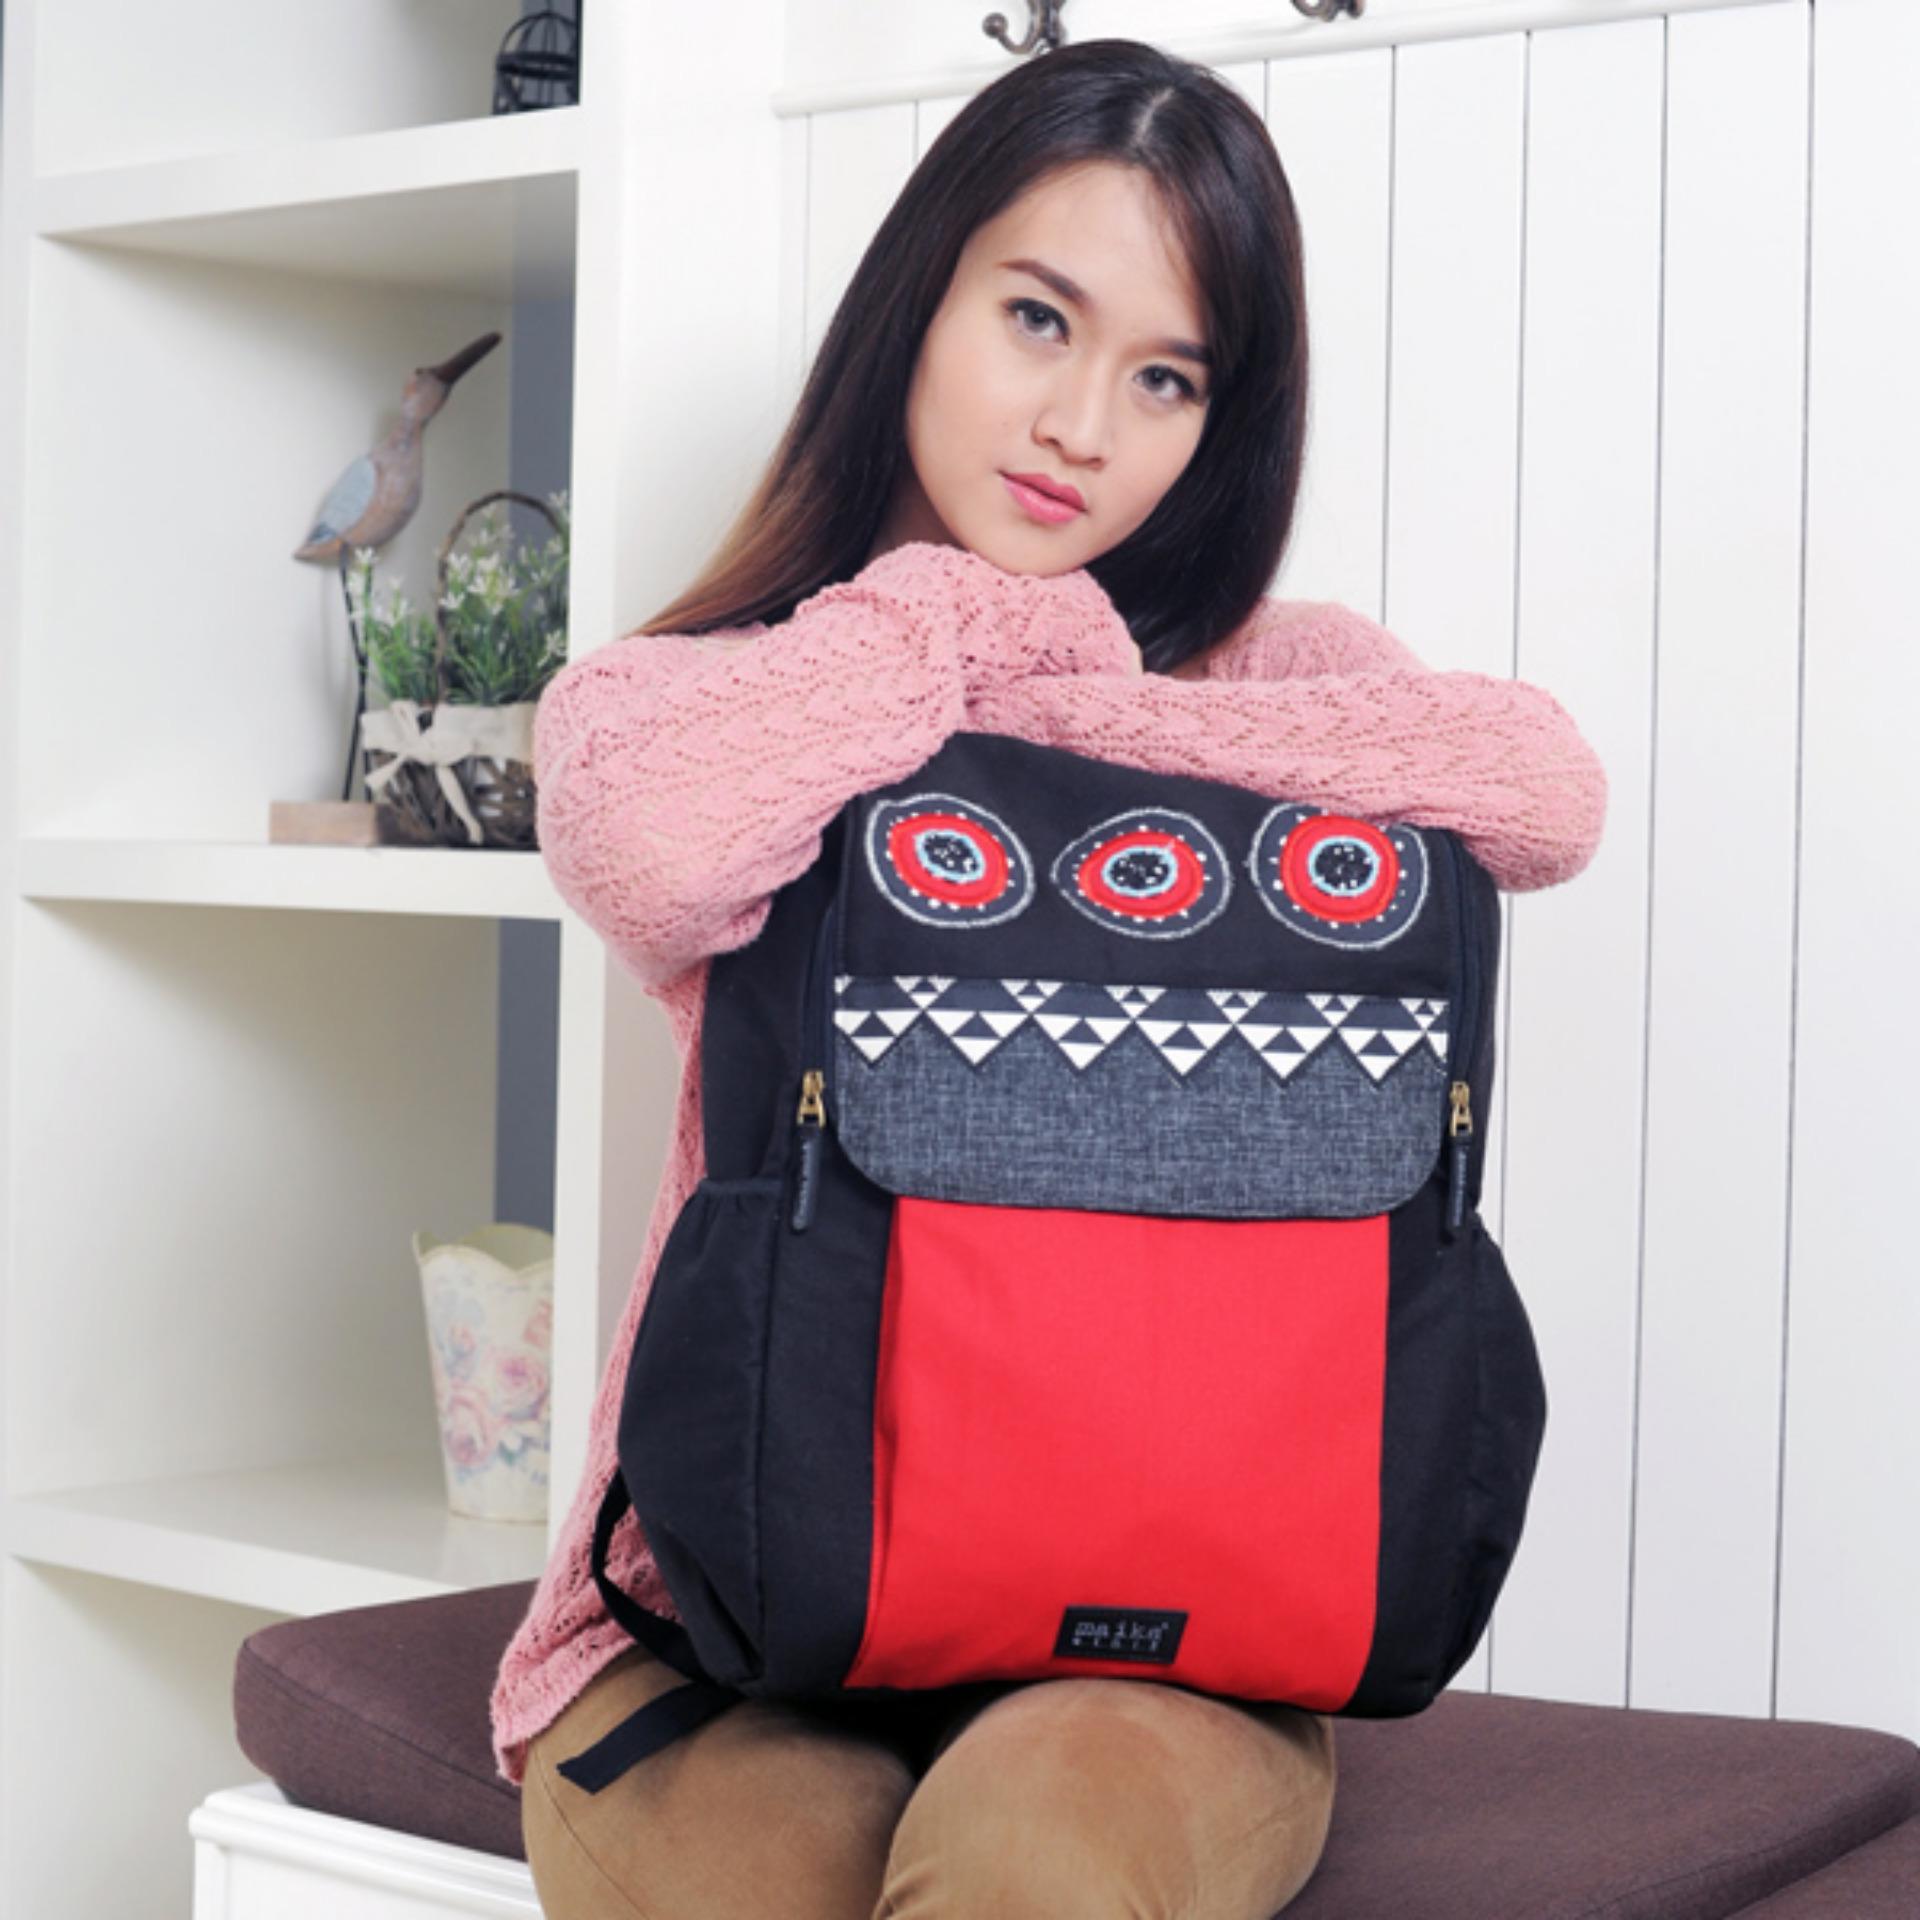 Diskon Tas Punggung Handmade Wanita Backpack Mandai Red Maika Etnik Di Indonesia